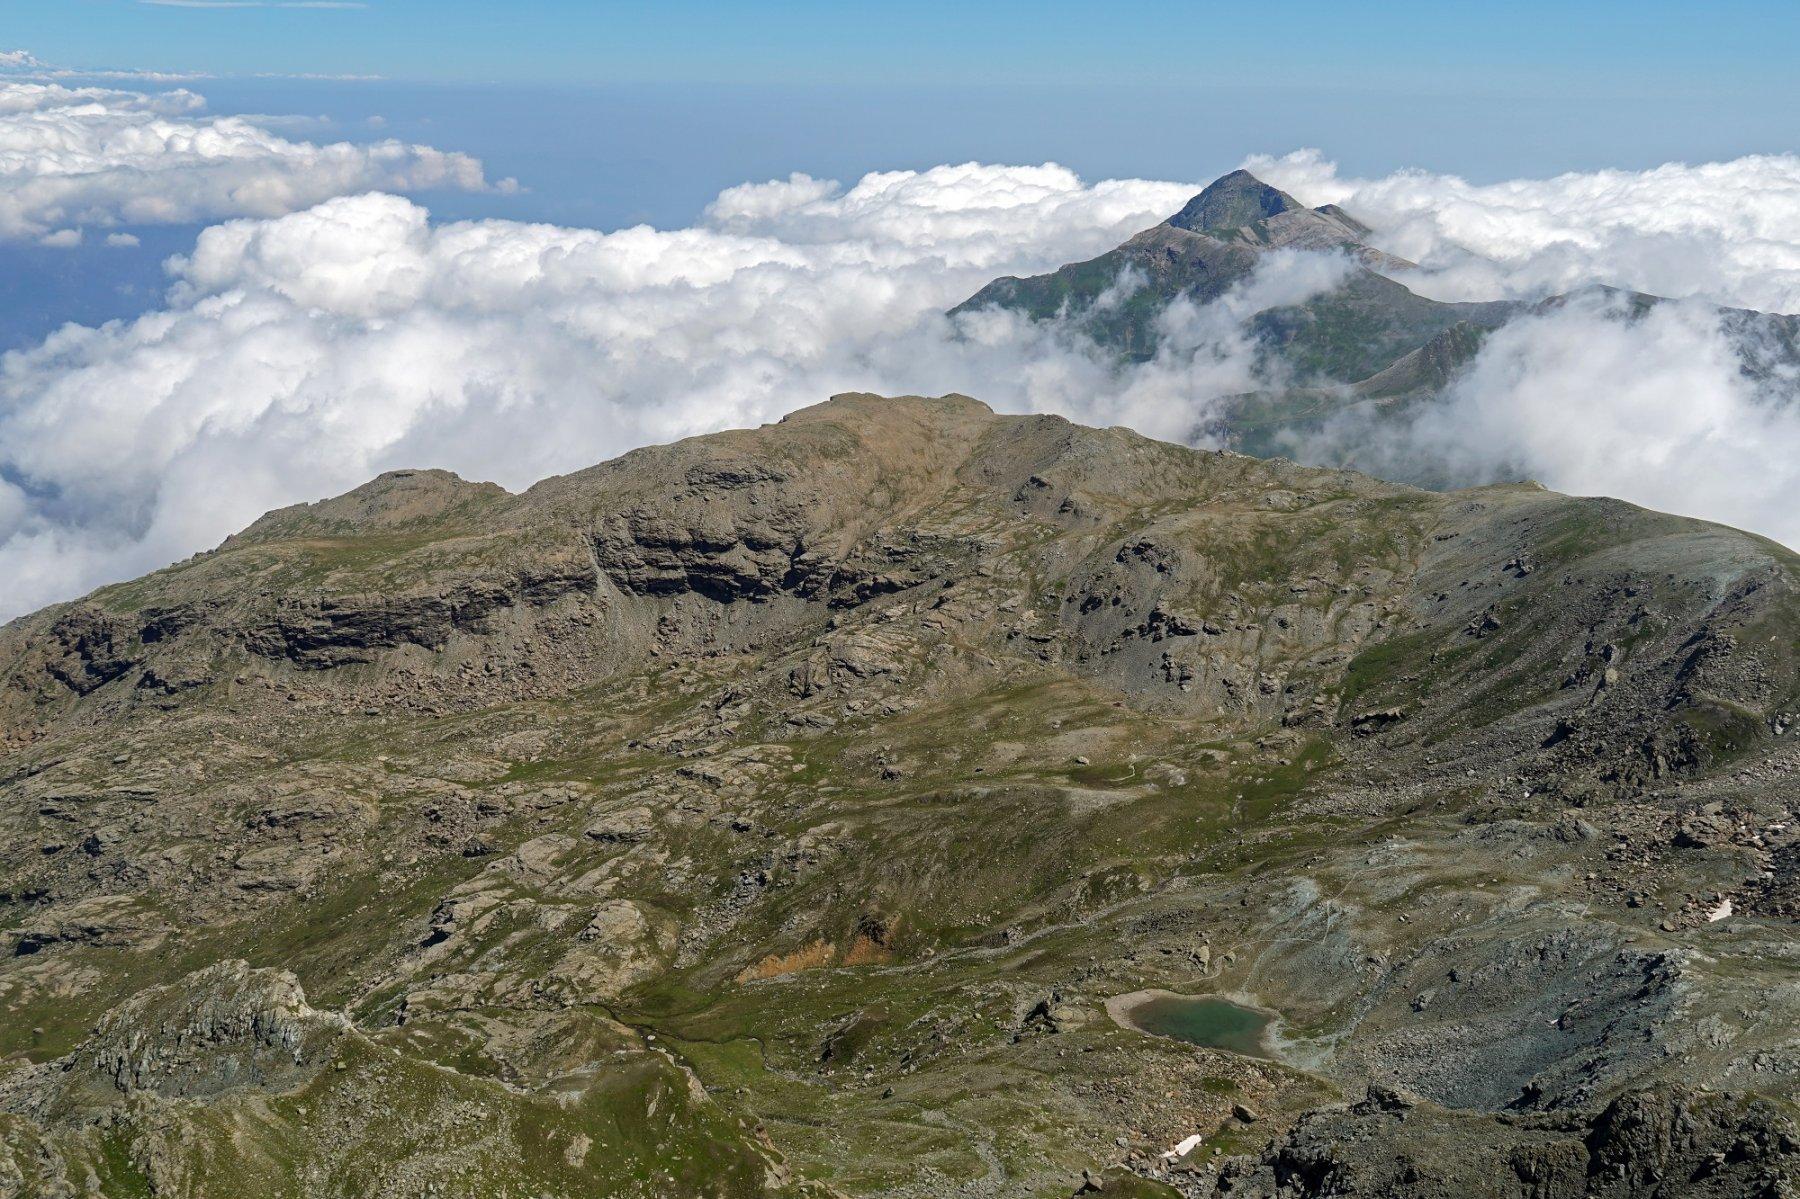 La valle del Pis e il Monte Frioland visti dalla cima